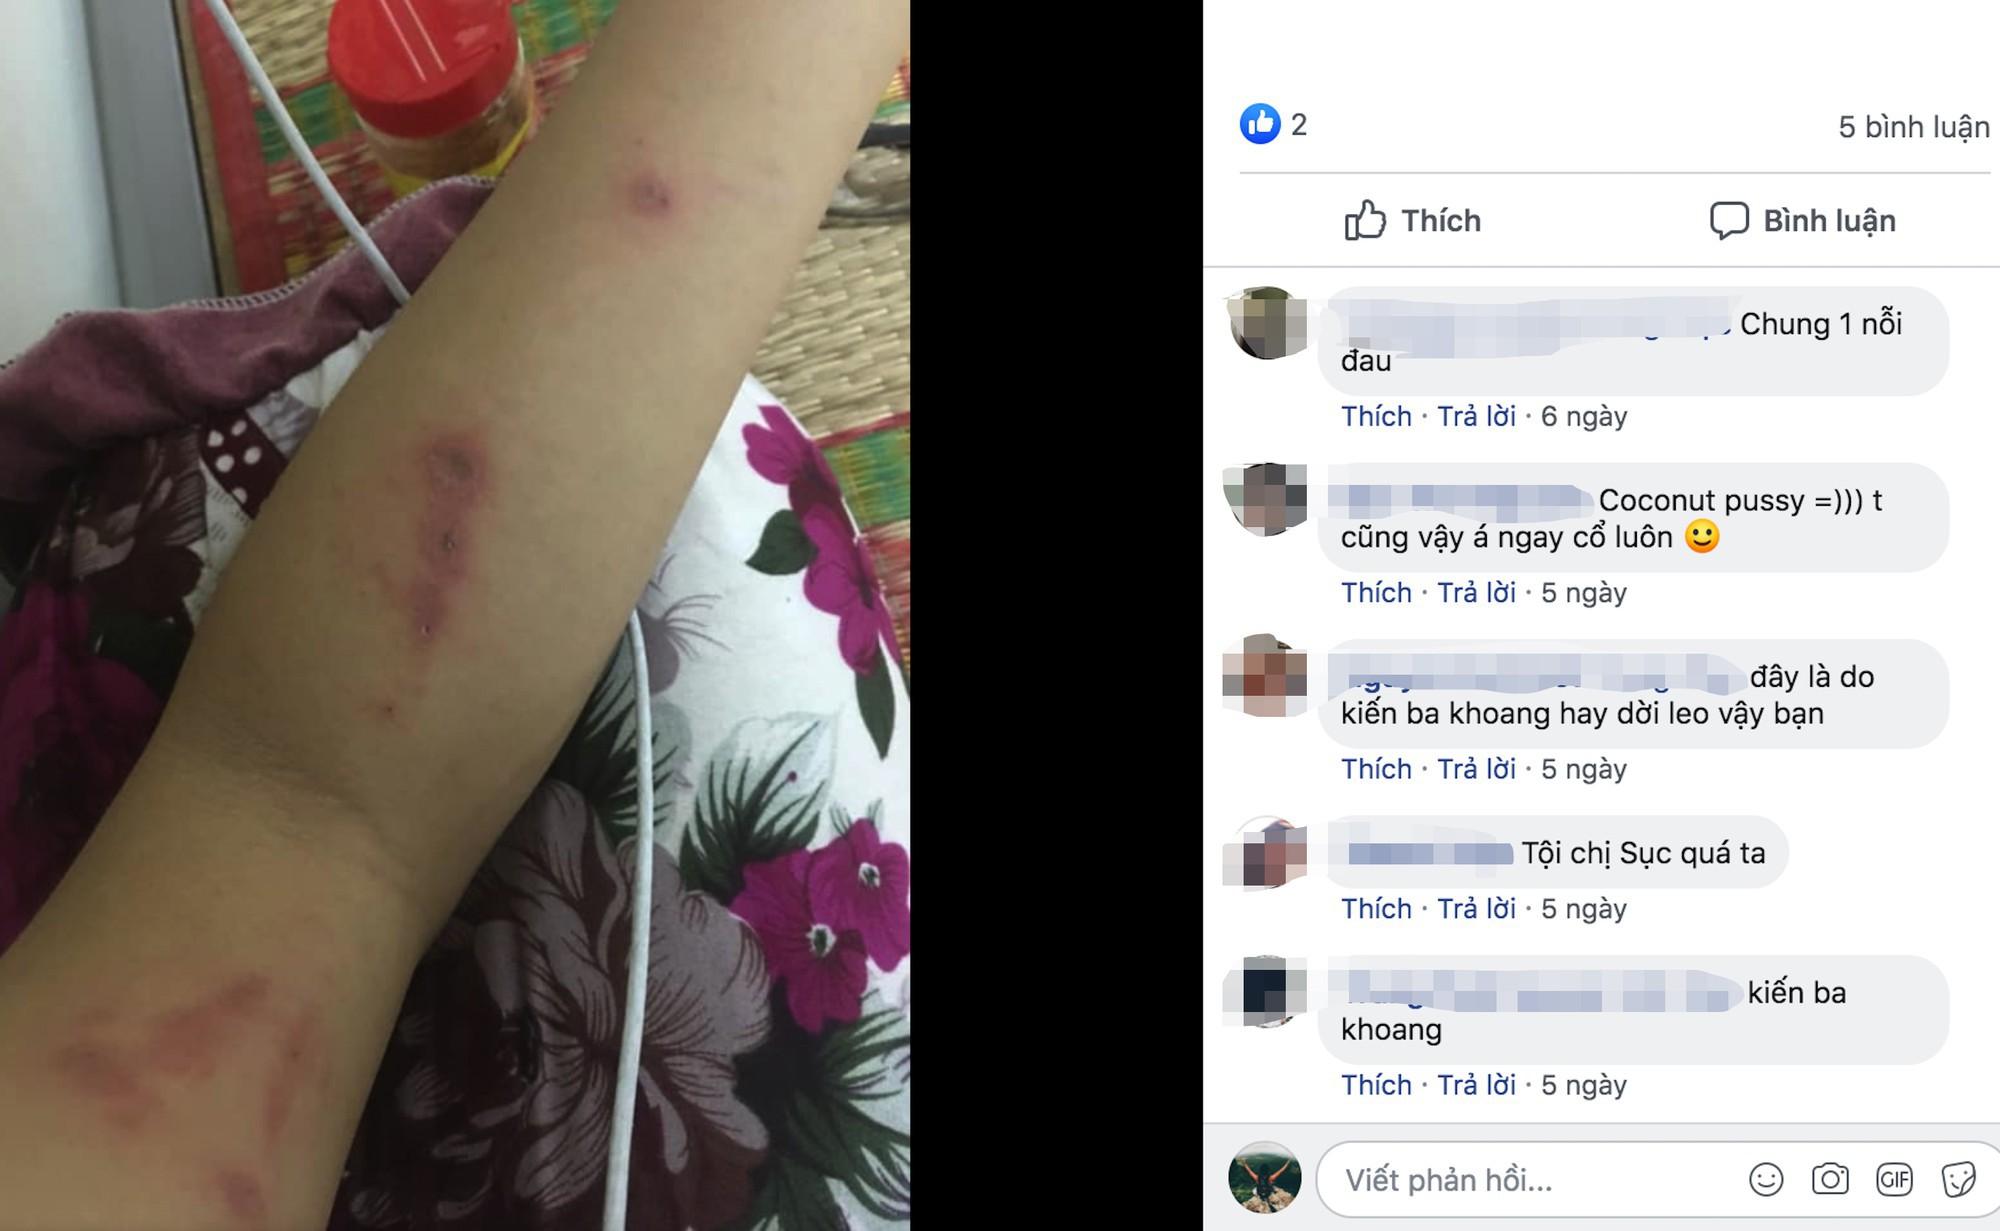 Kiến ba khoang tái xuất, sinh viên KTX Đại học Quốc gia khốn khổ vì bị tấn công - Ảnh 4.